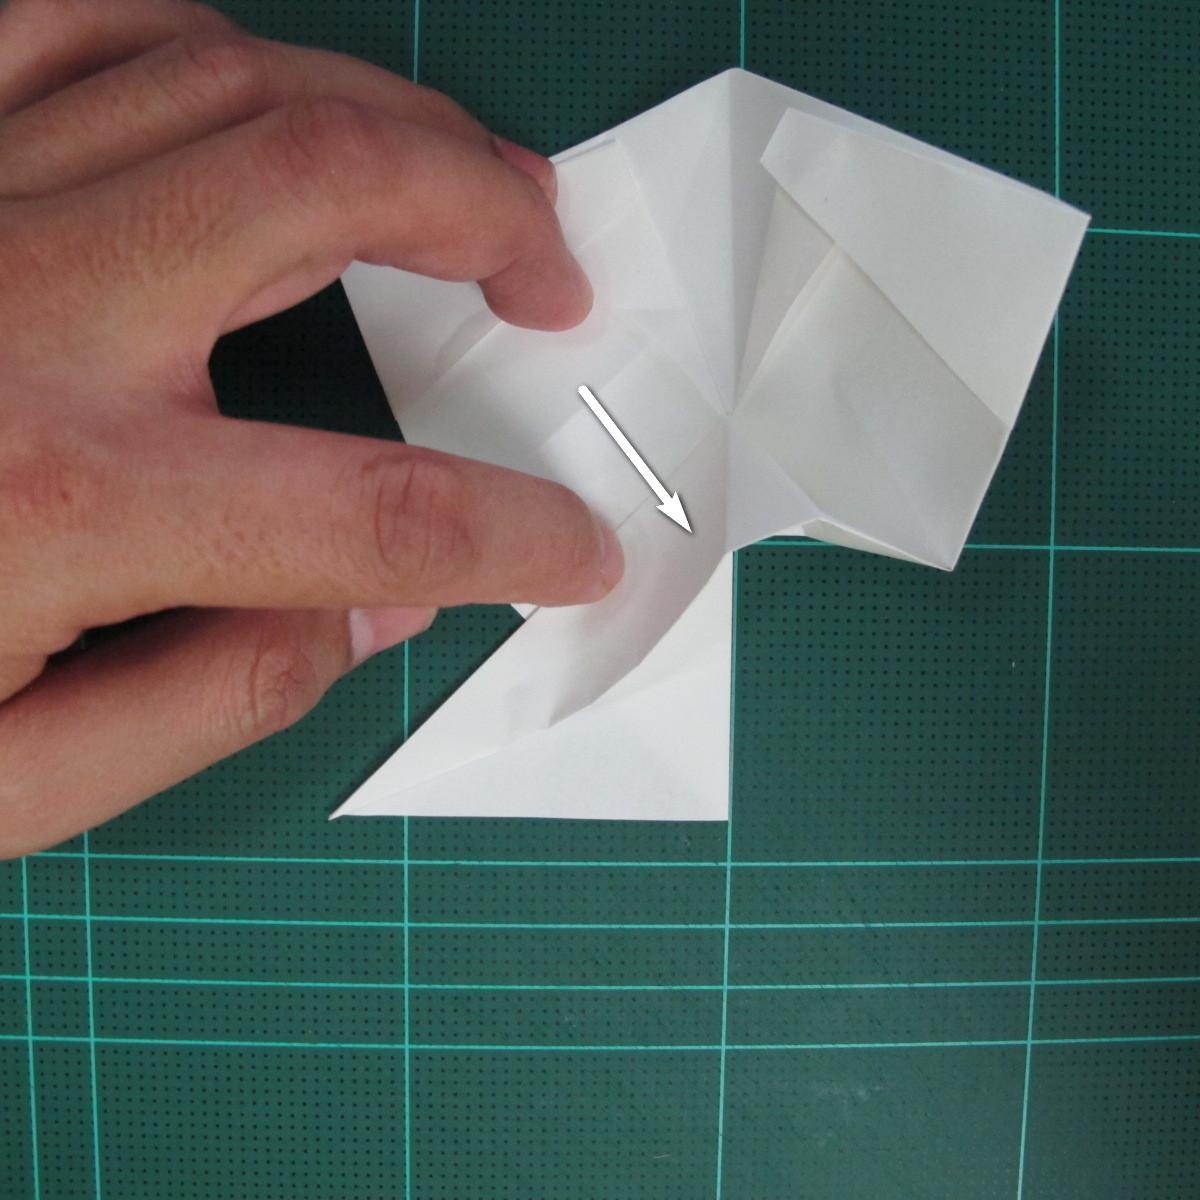 วิธีพับกระดาษเป็นรูปปลาแซลม่อน (Origami Salmon) 027